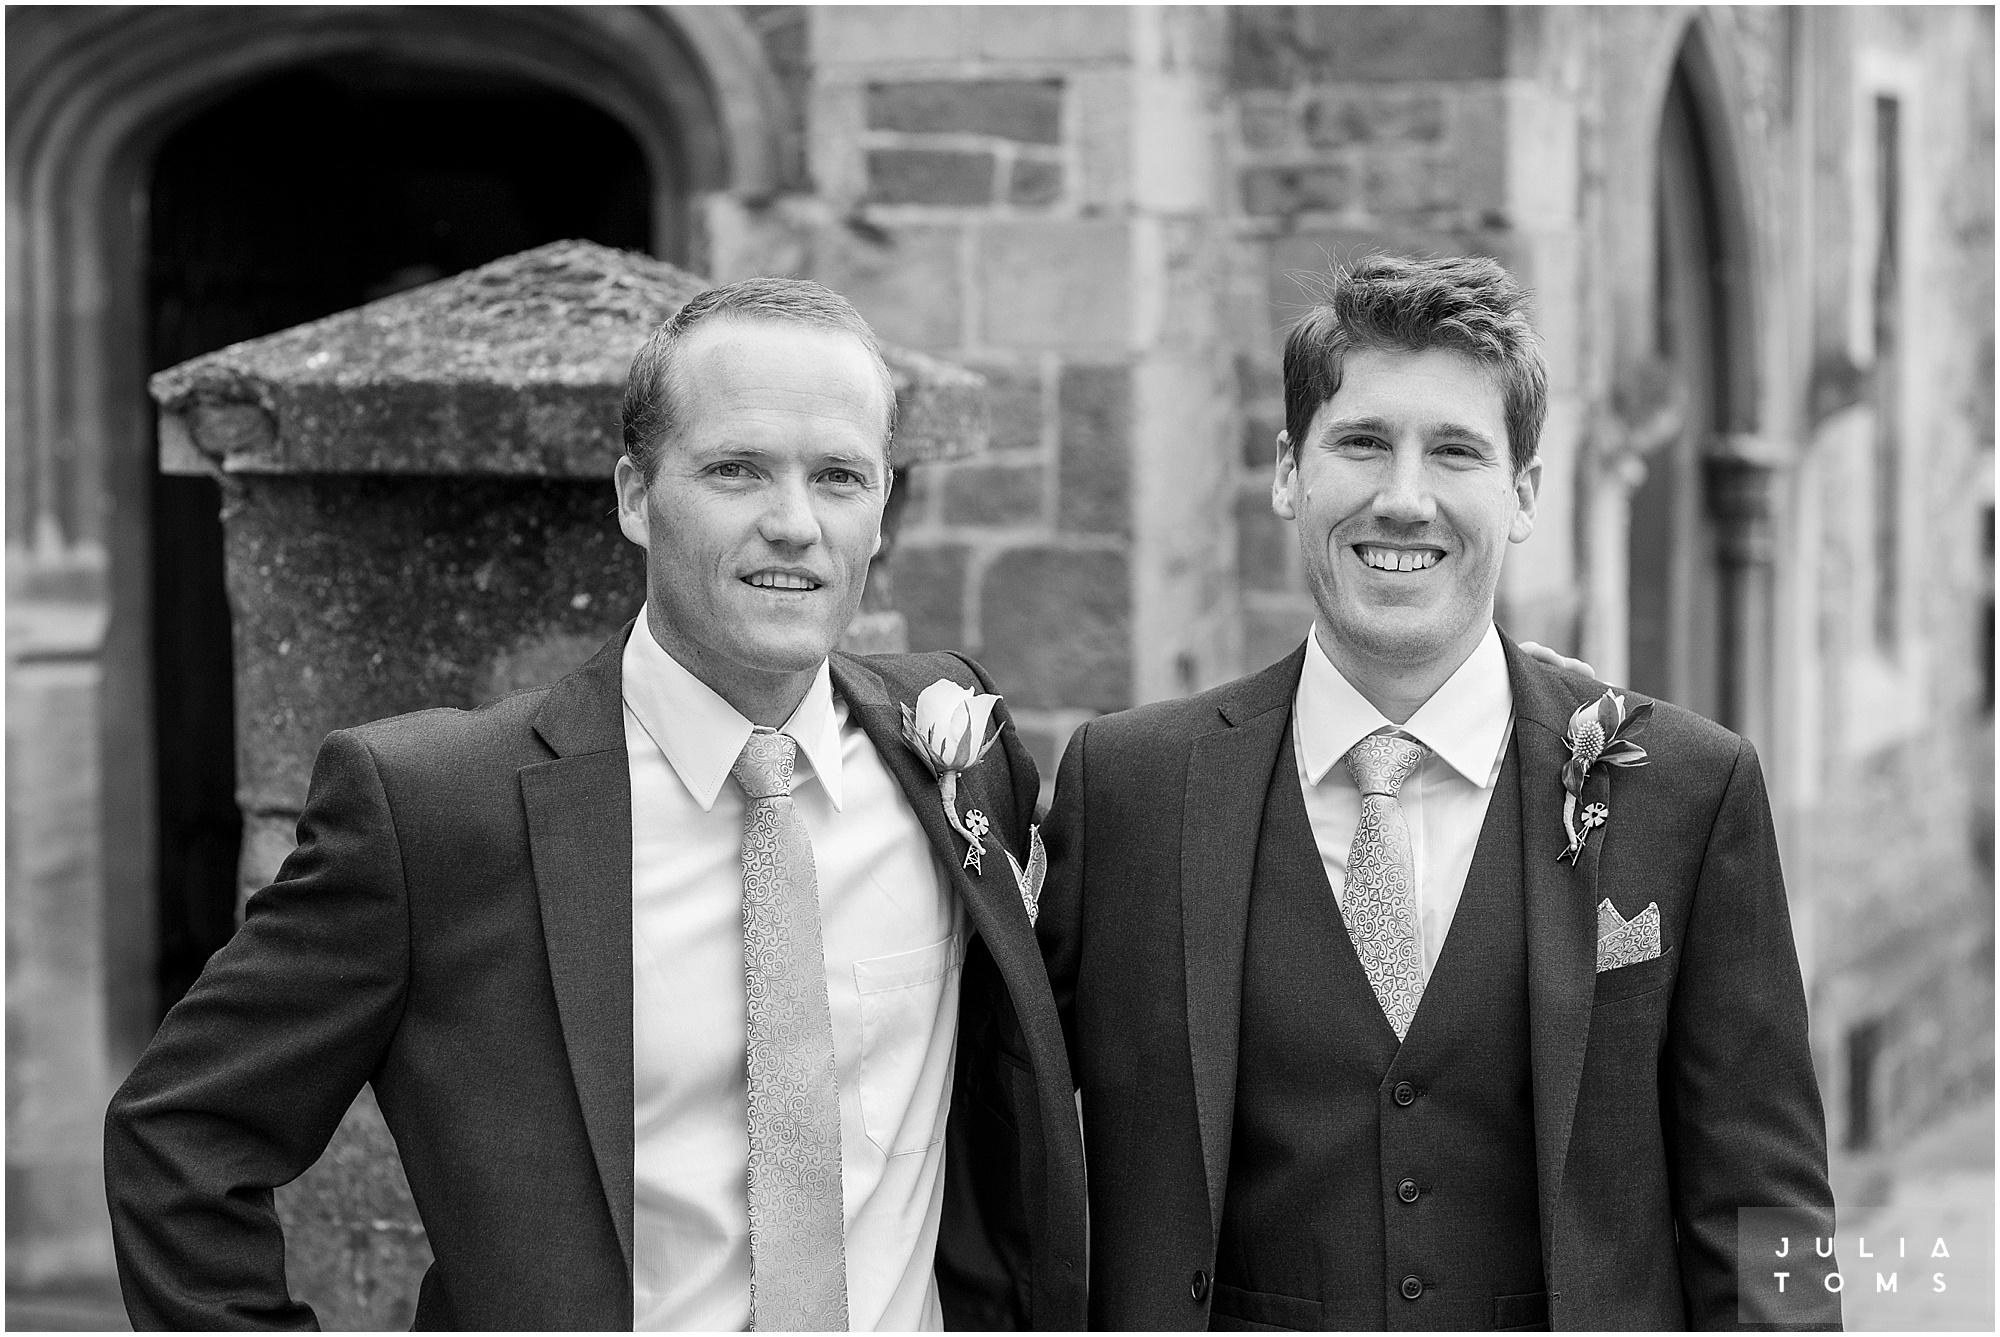 juliatoms_christian_wedding_photogtapher_midhurst_001.jpg